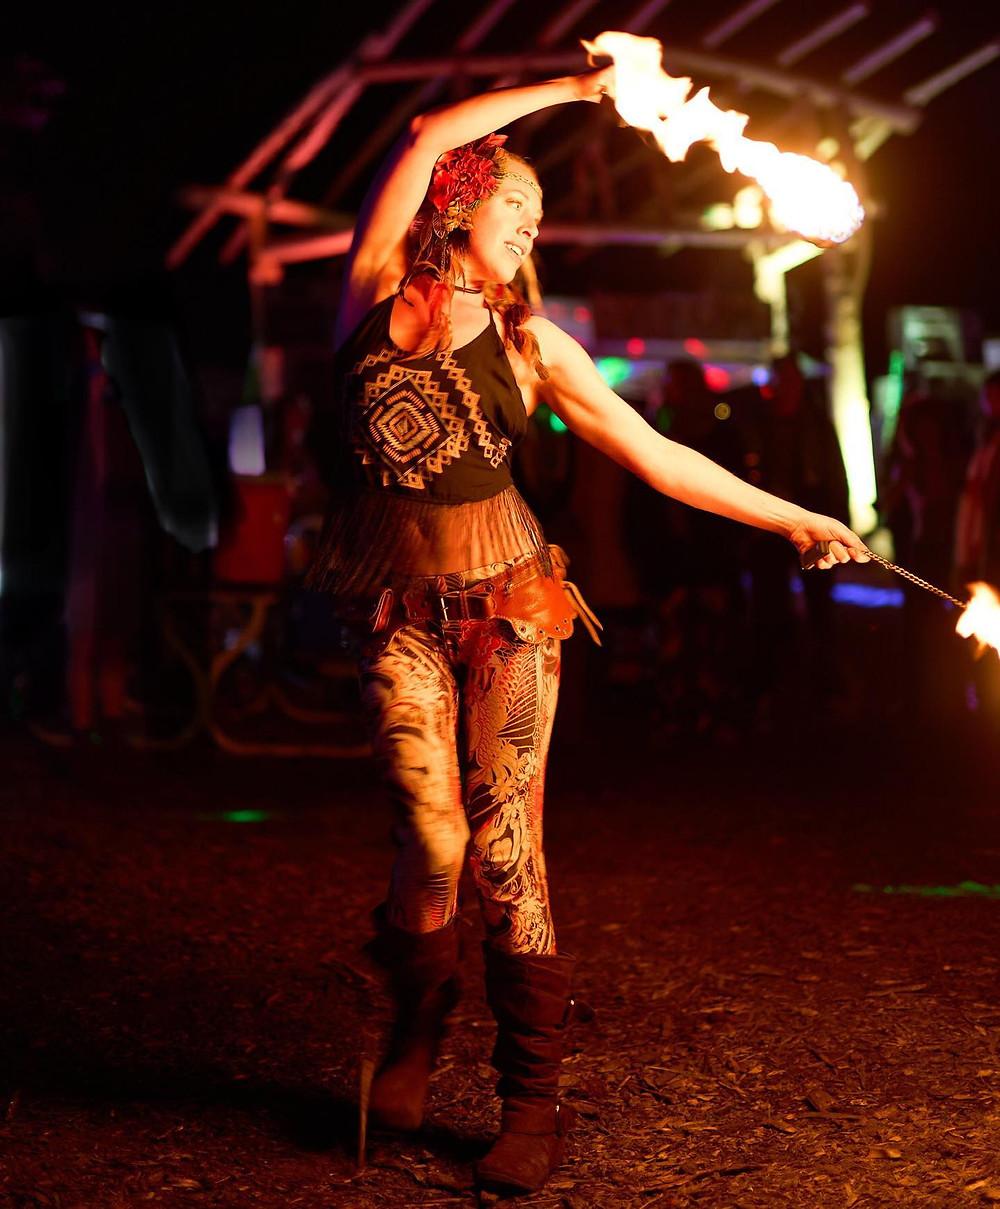 fire dancing event entertainment Denver Colorado